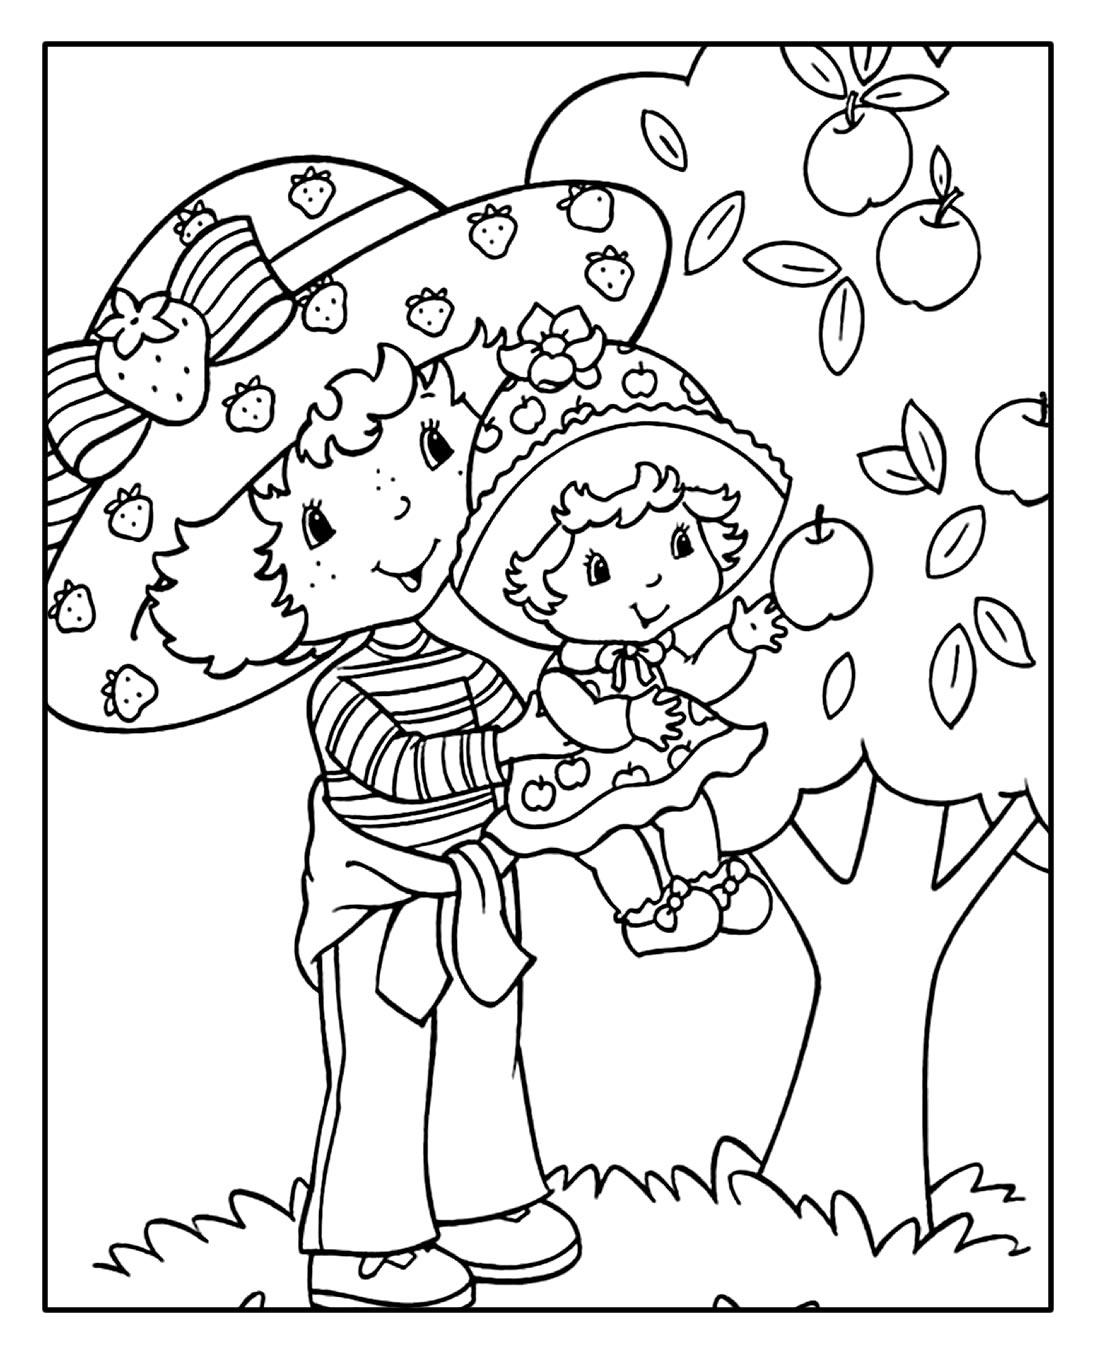 Páginas para colorir da Moranguinho